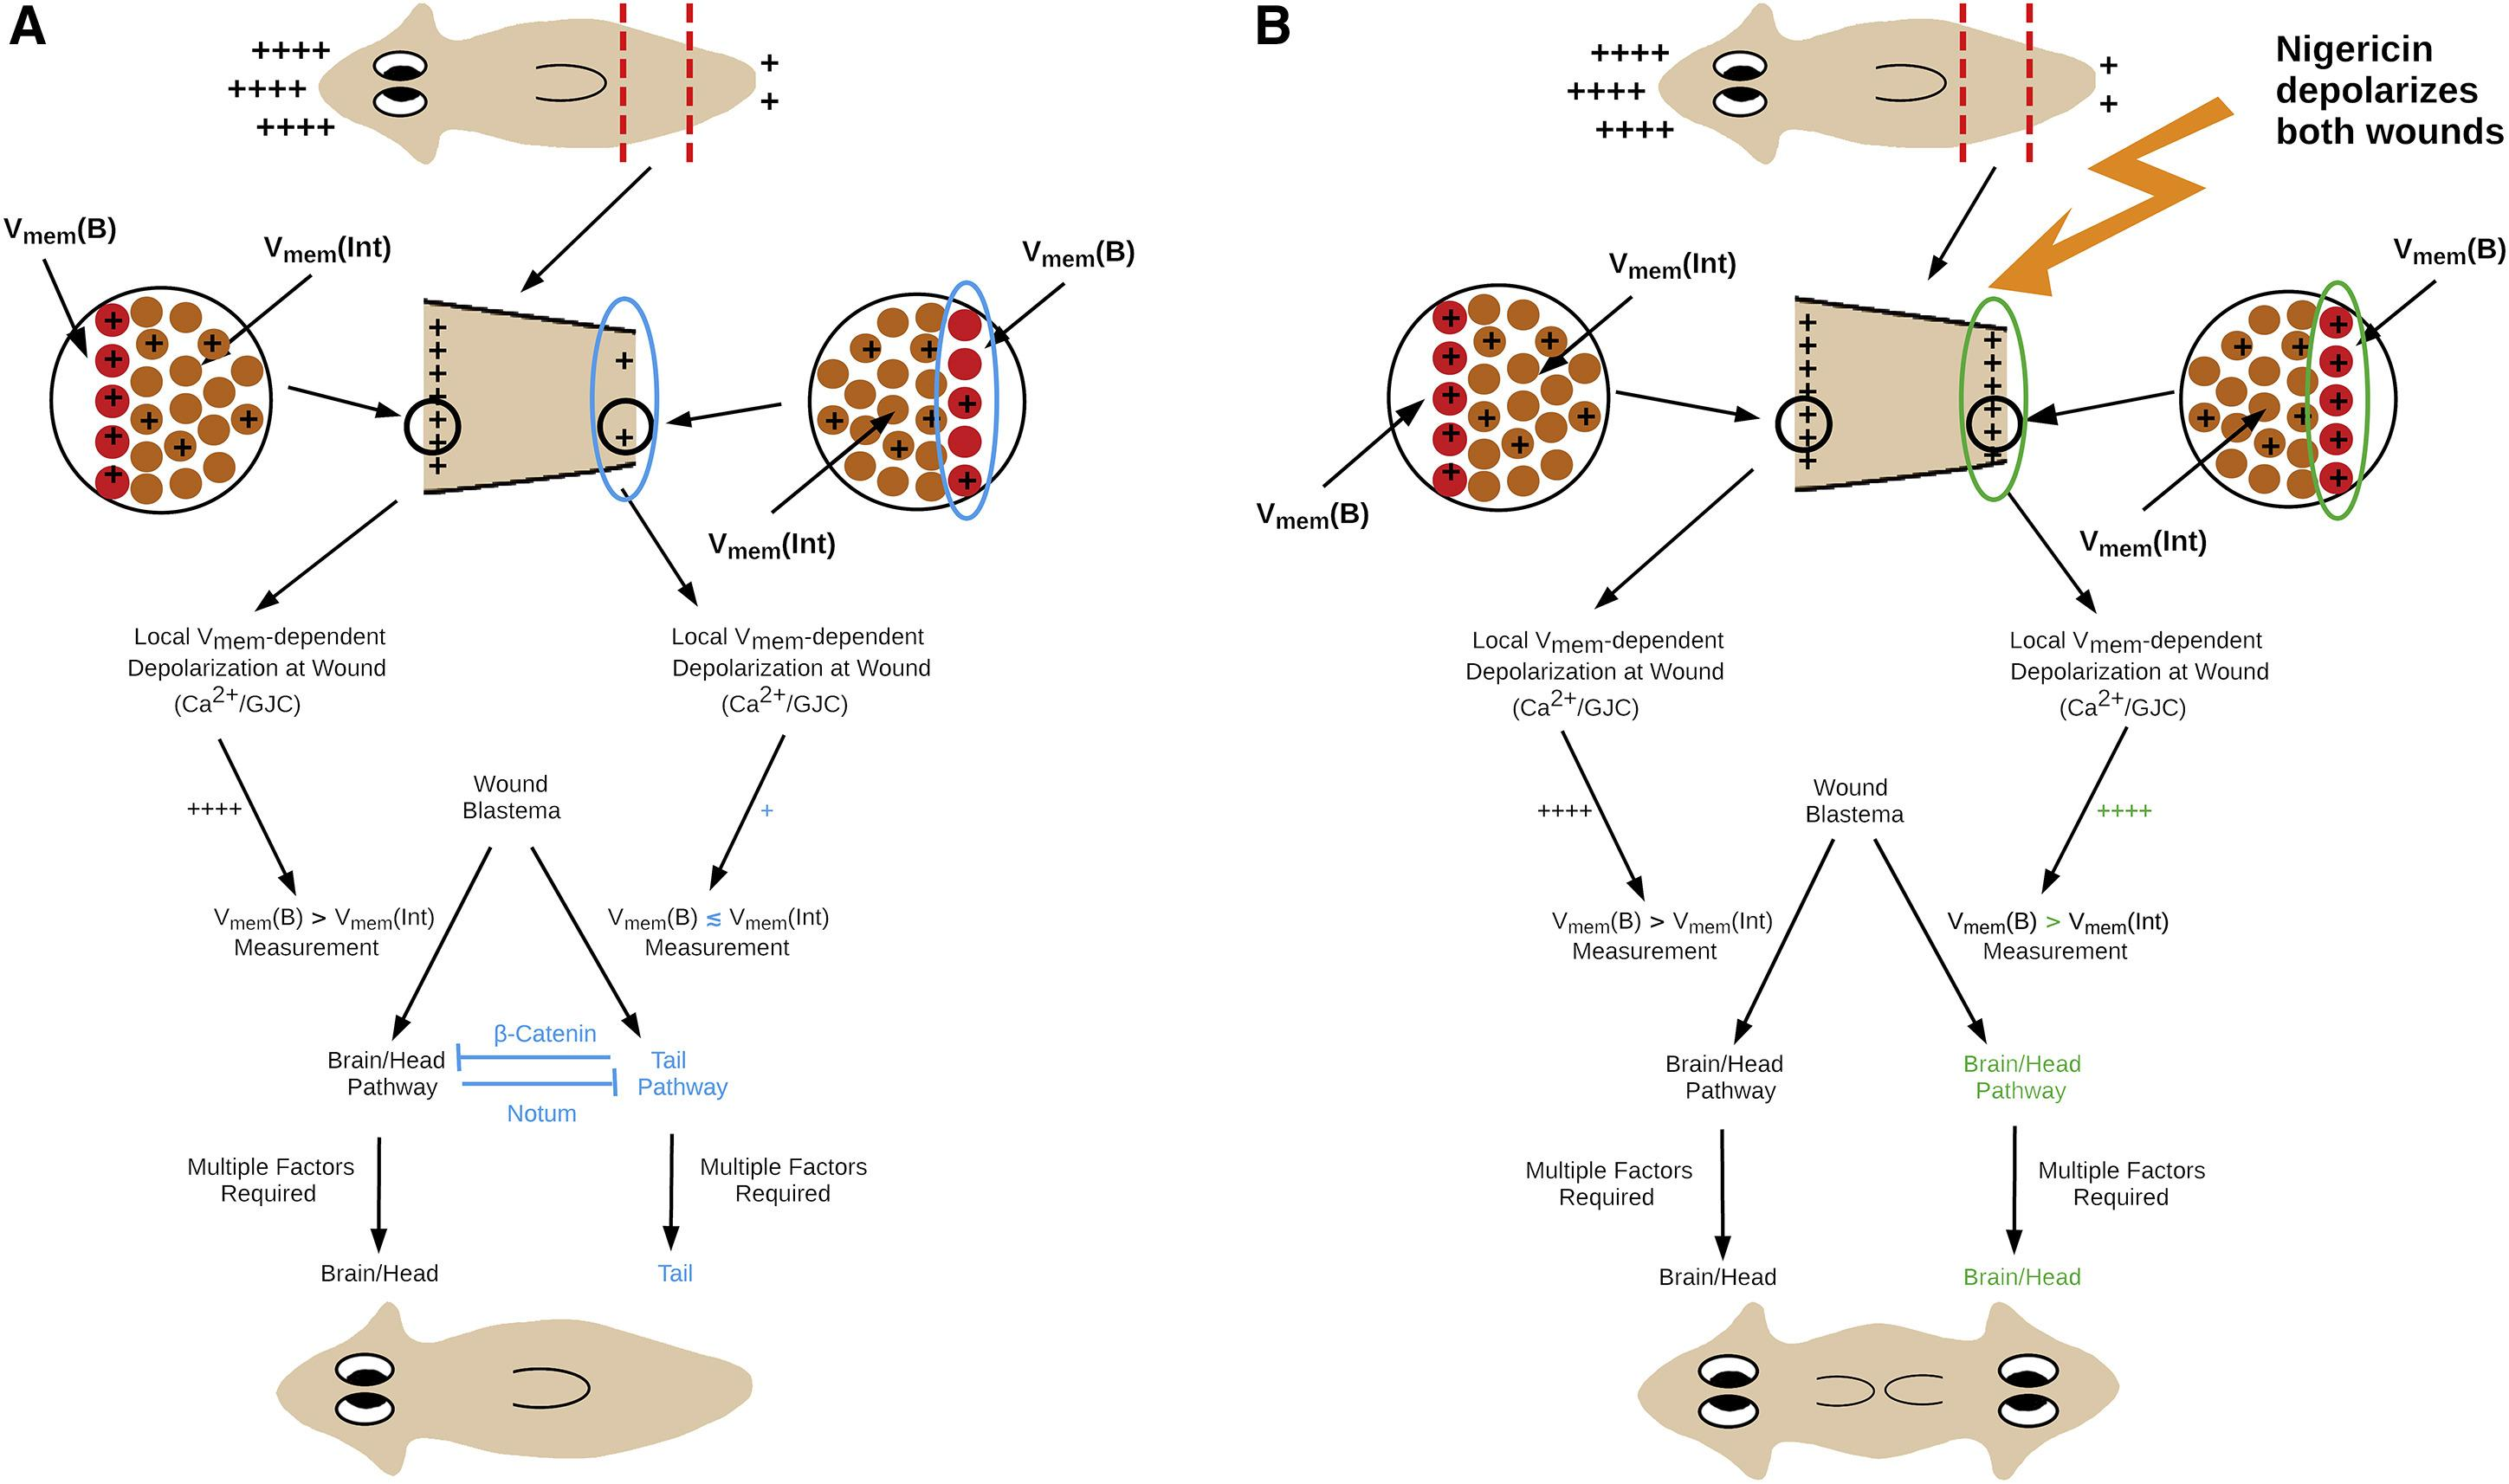 Биоэлектрические сигналы помогли планариям отличить голову от хвоста во время регенерации